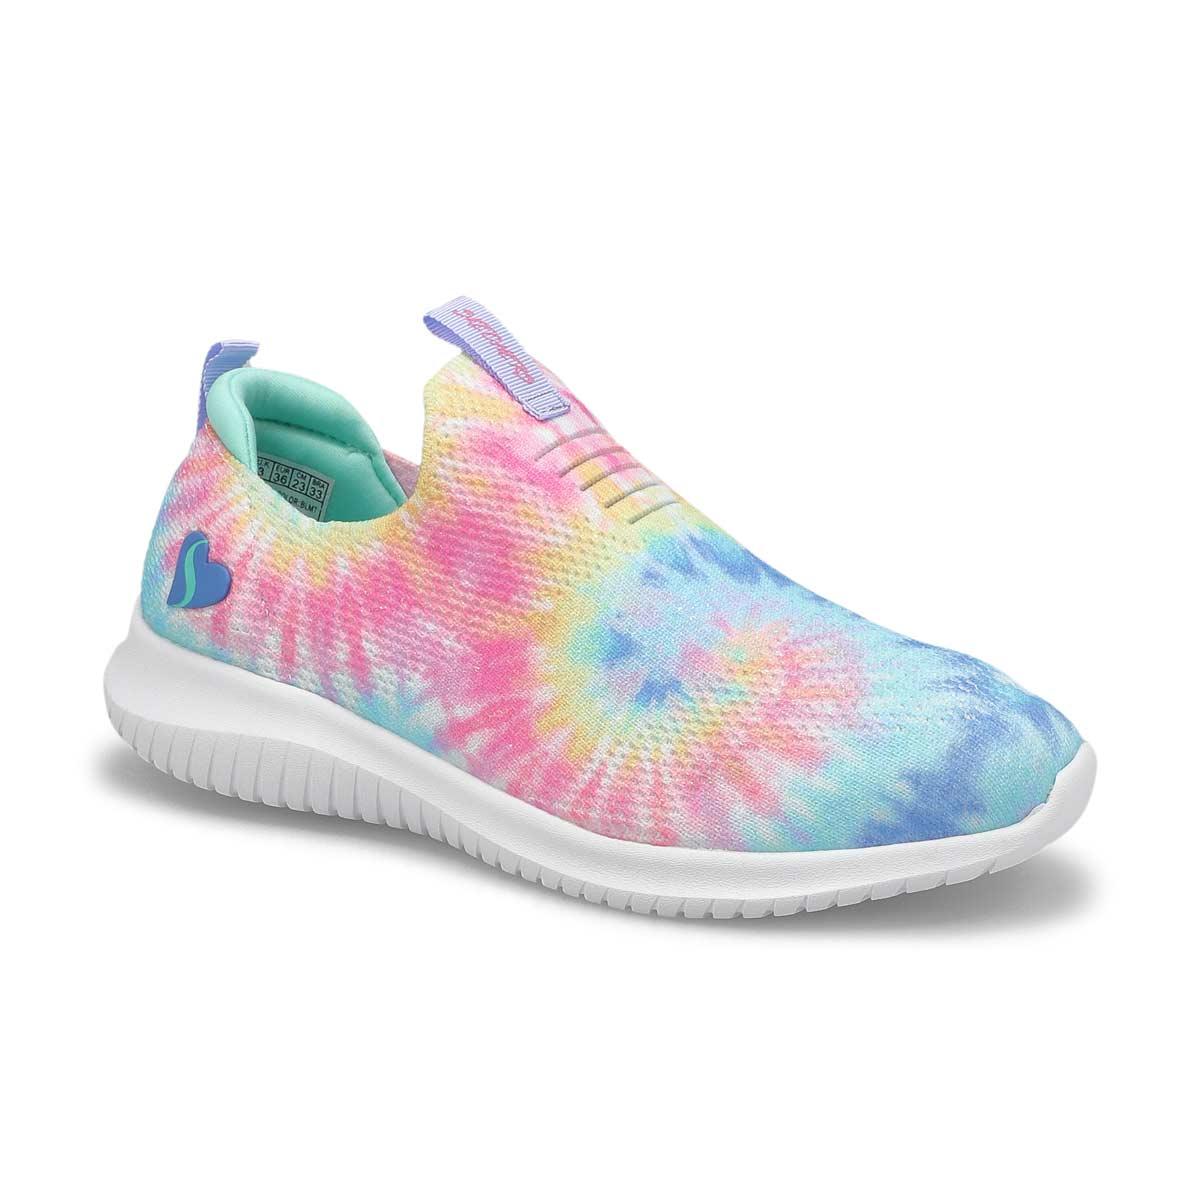 Girls'  Ultra Flex Sneakers - Blue/Multi